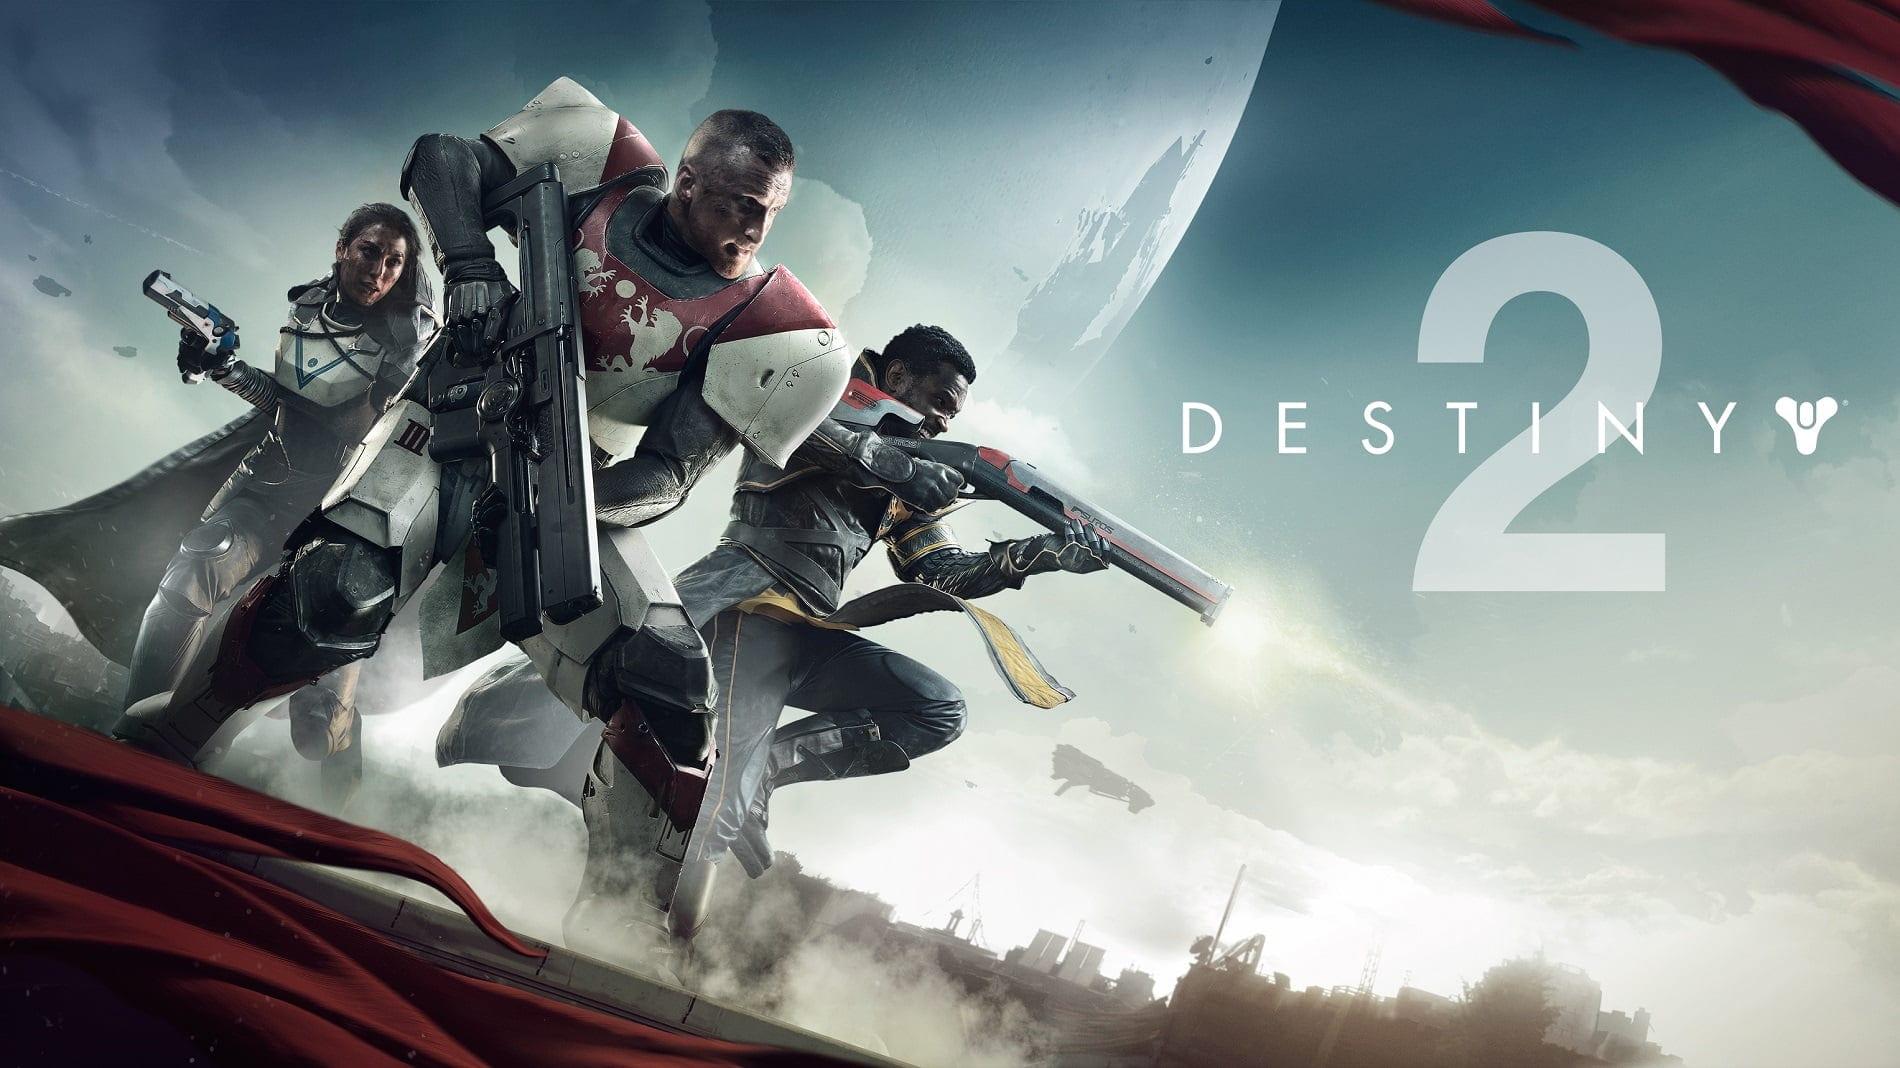 Следующее обновление Destiny 2 под номером 2.7.1 решит некоторые проблемы с производительностью